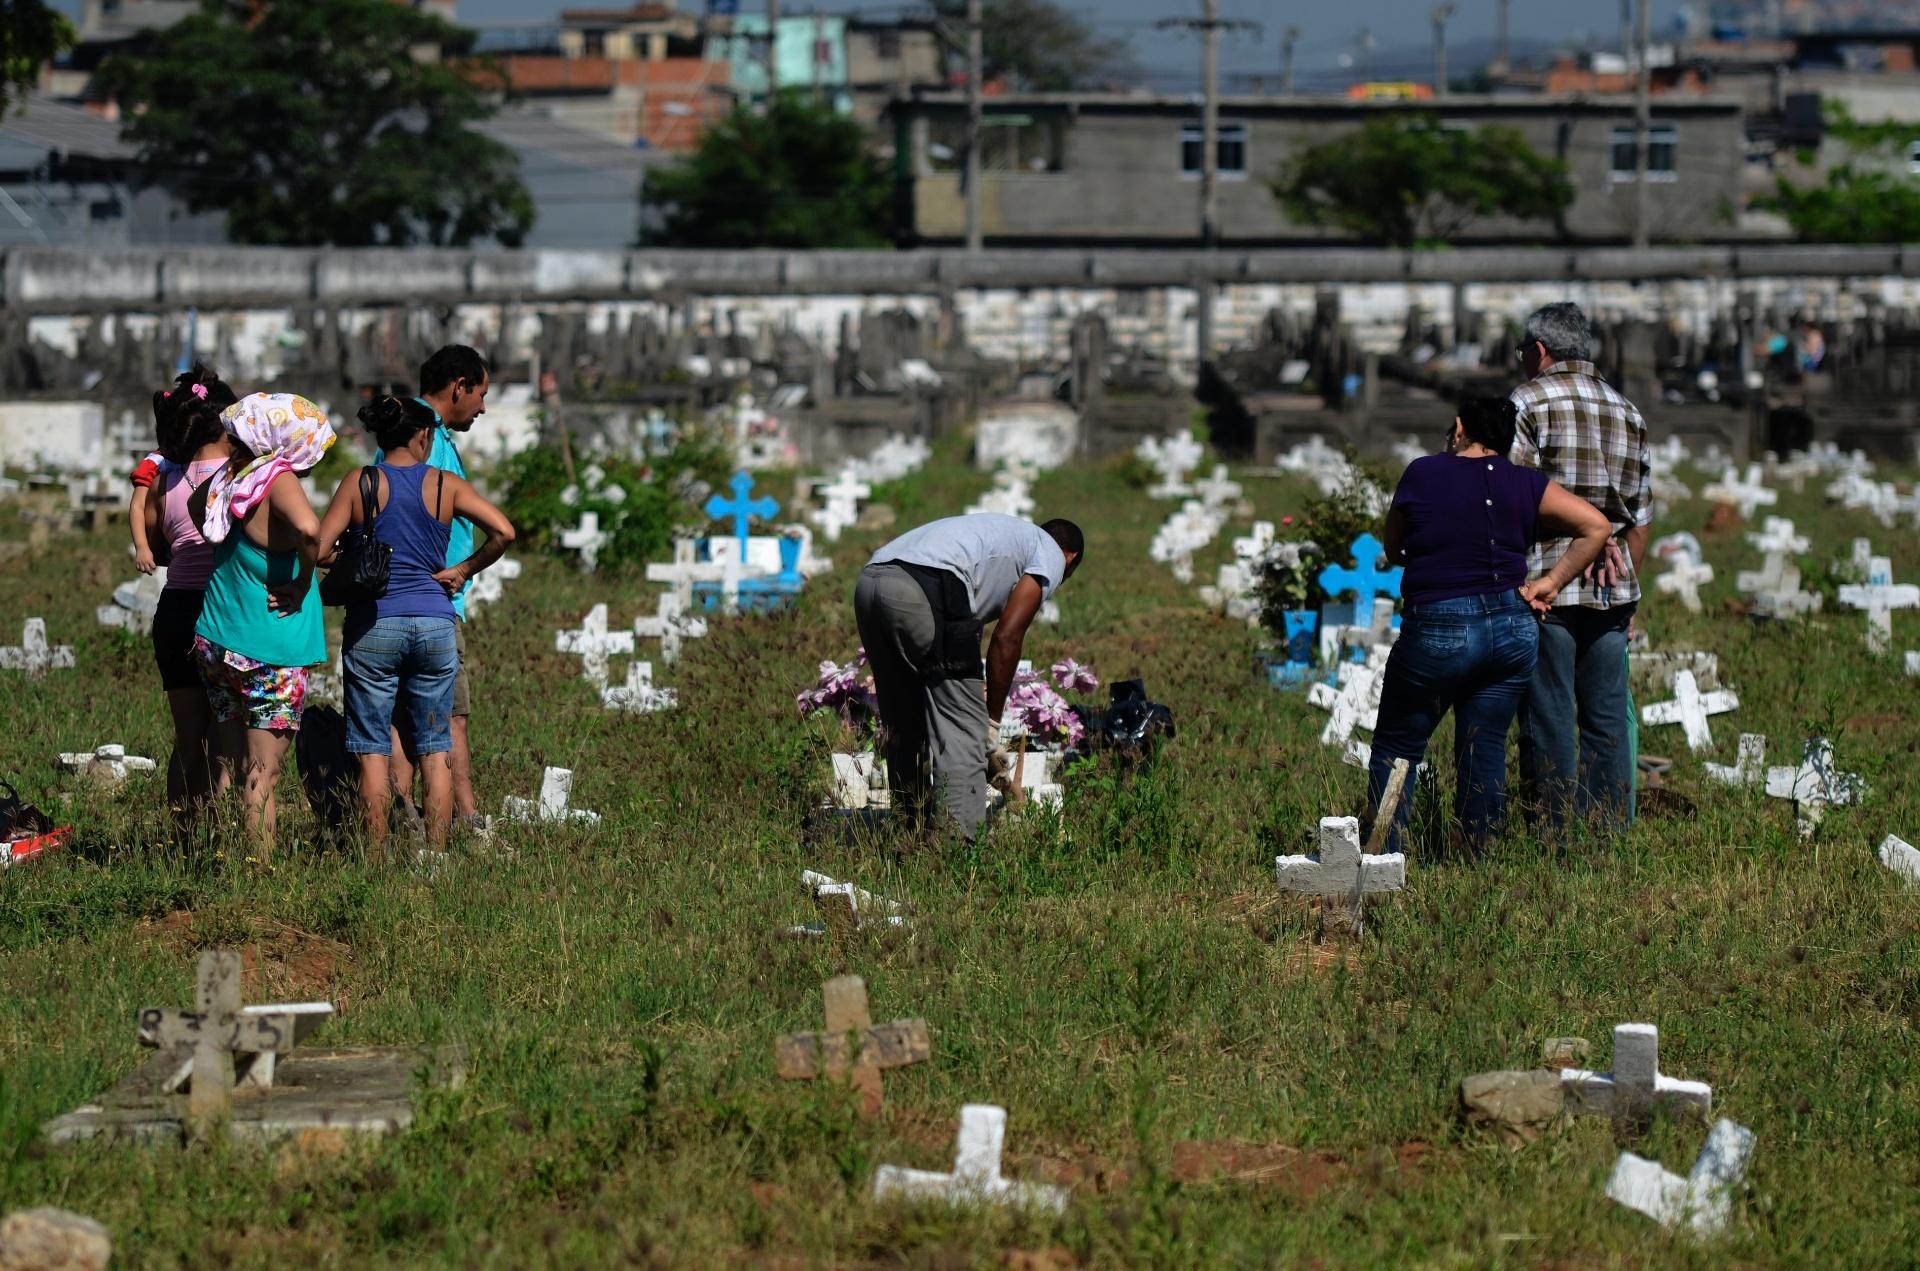 08cff35265c7e Quais as doenças que mais matam o brasileiro  Conheça 10 principais causas  - 24 03 2017 - UOL Notícias